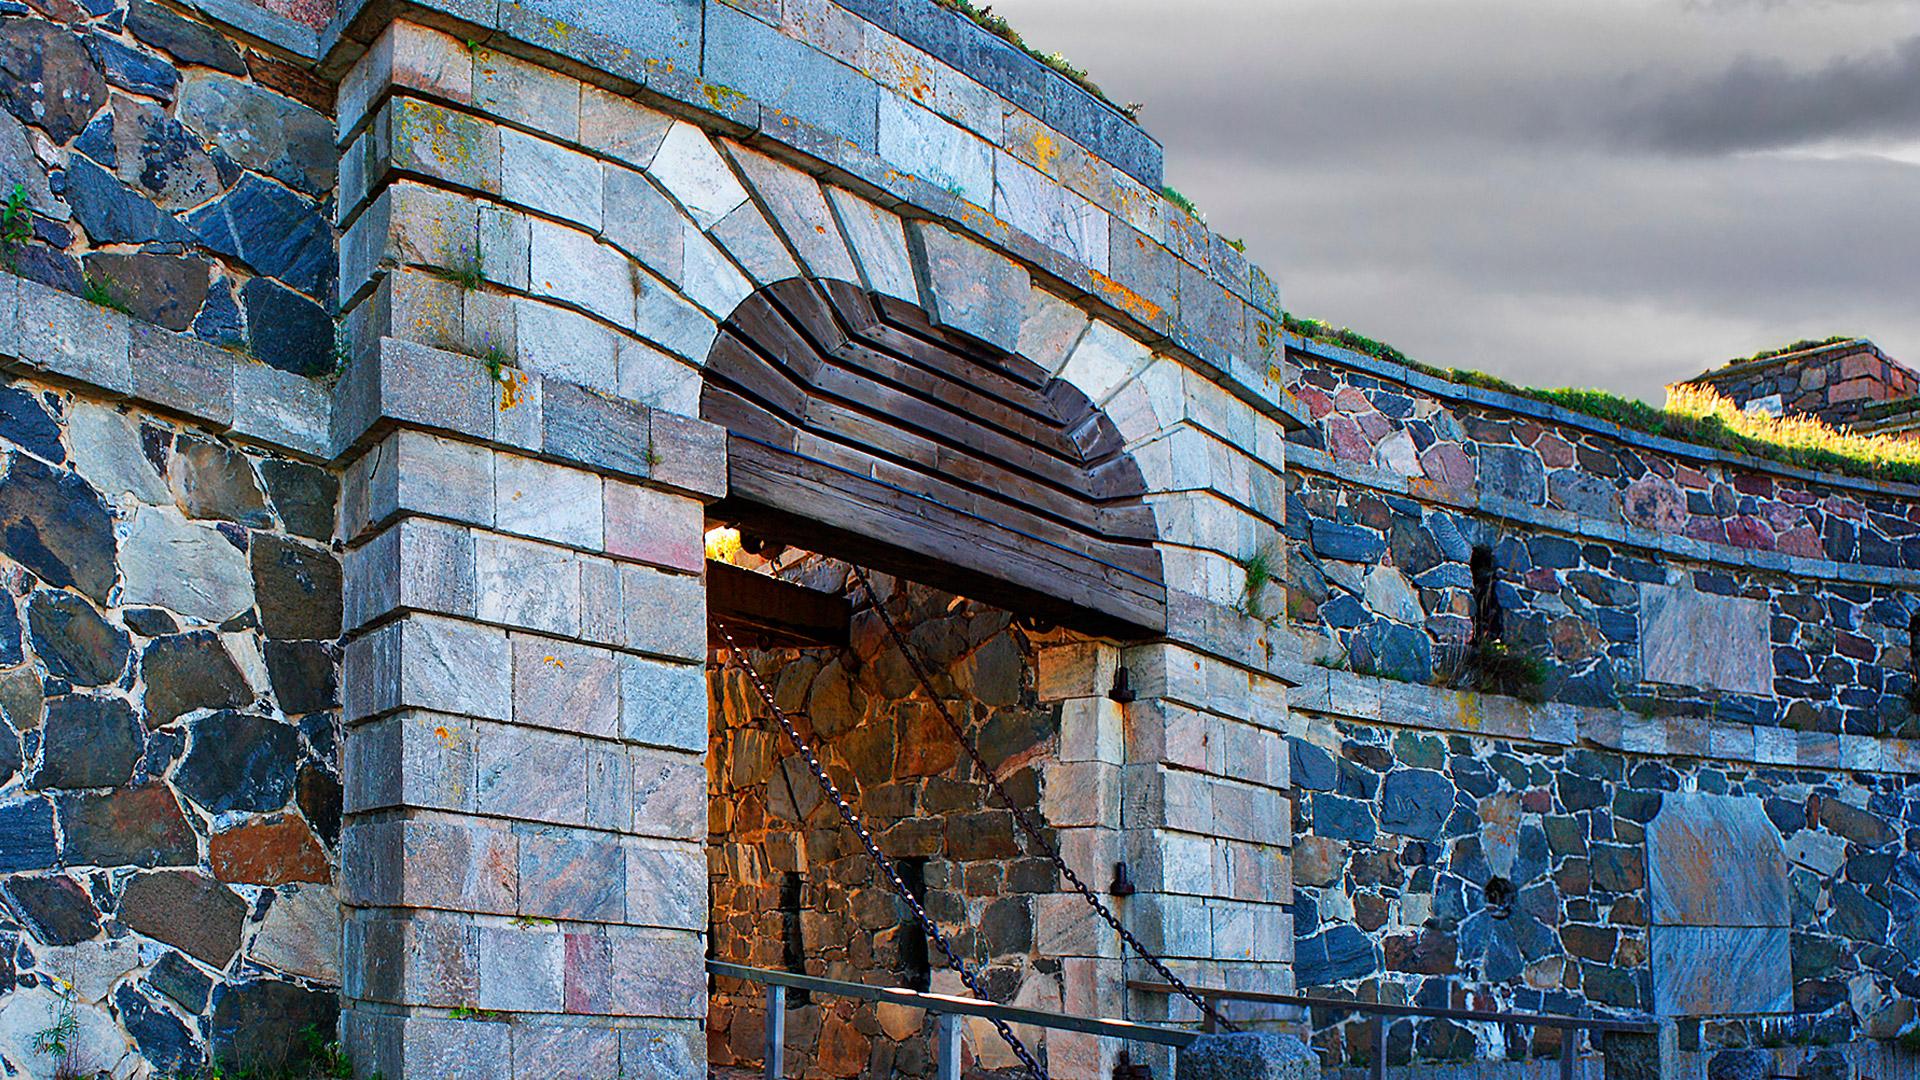 Suomenlinnan arkkitehtuuri